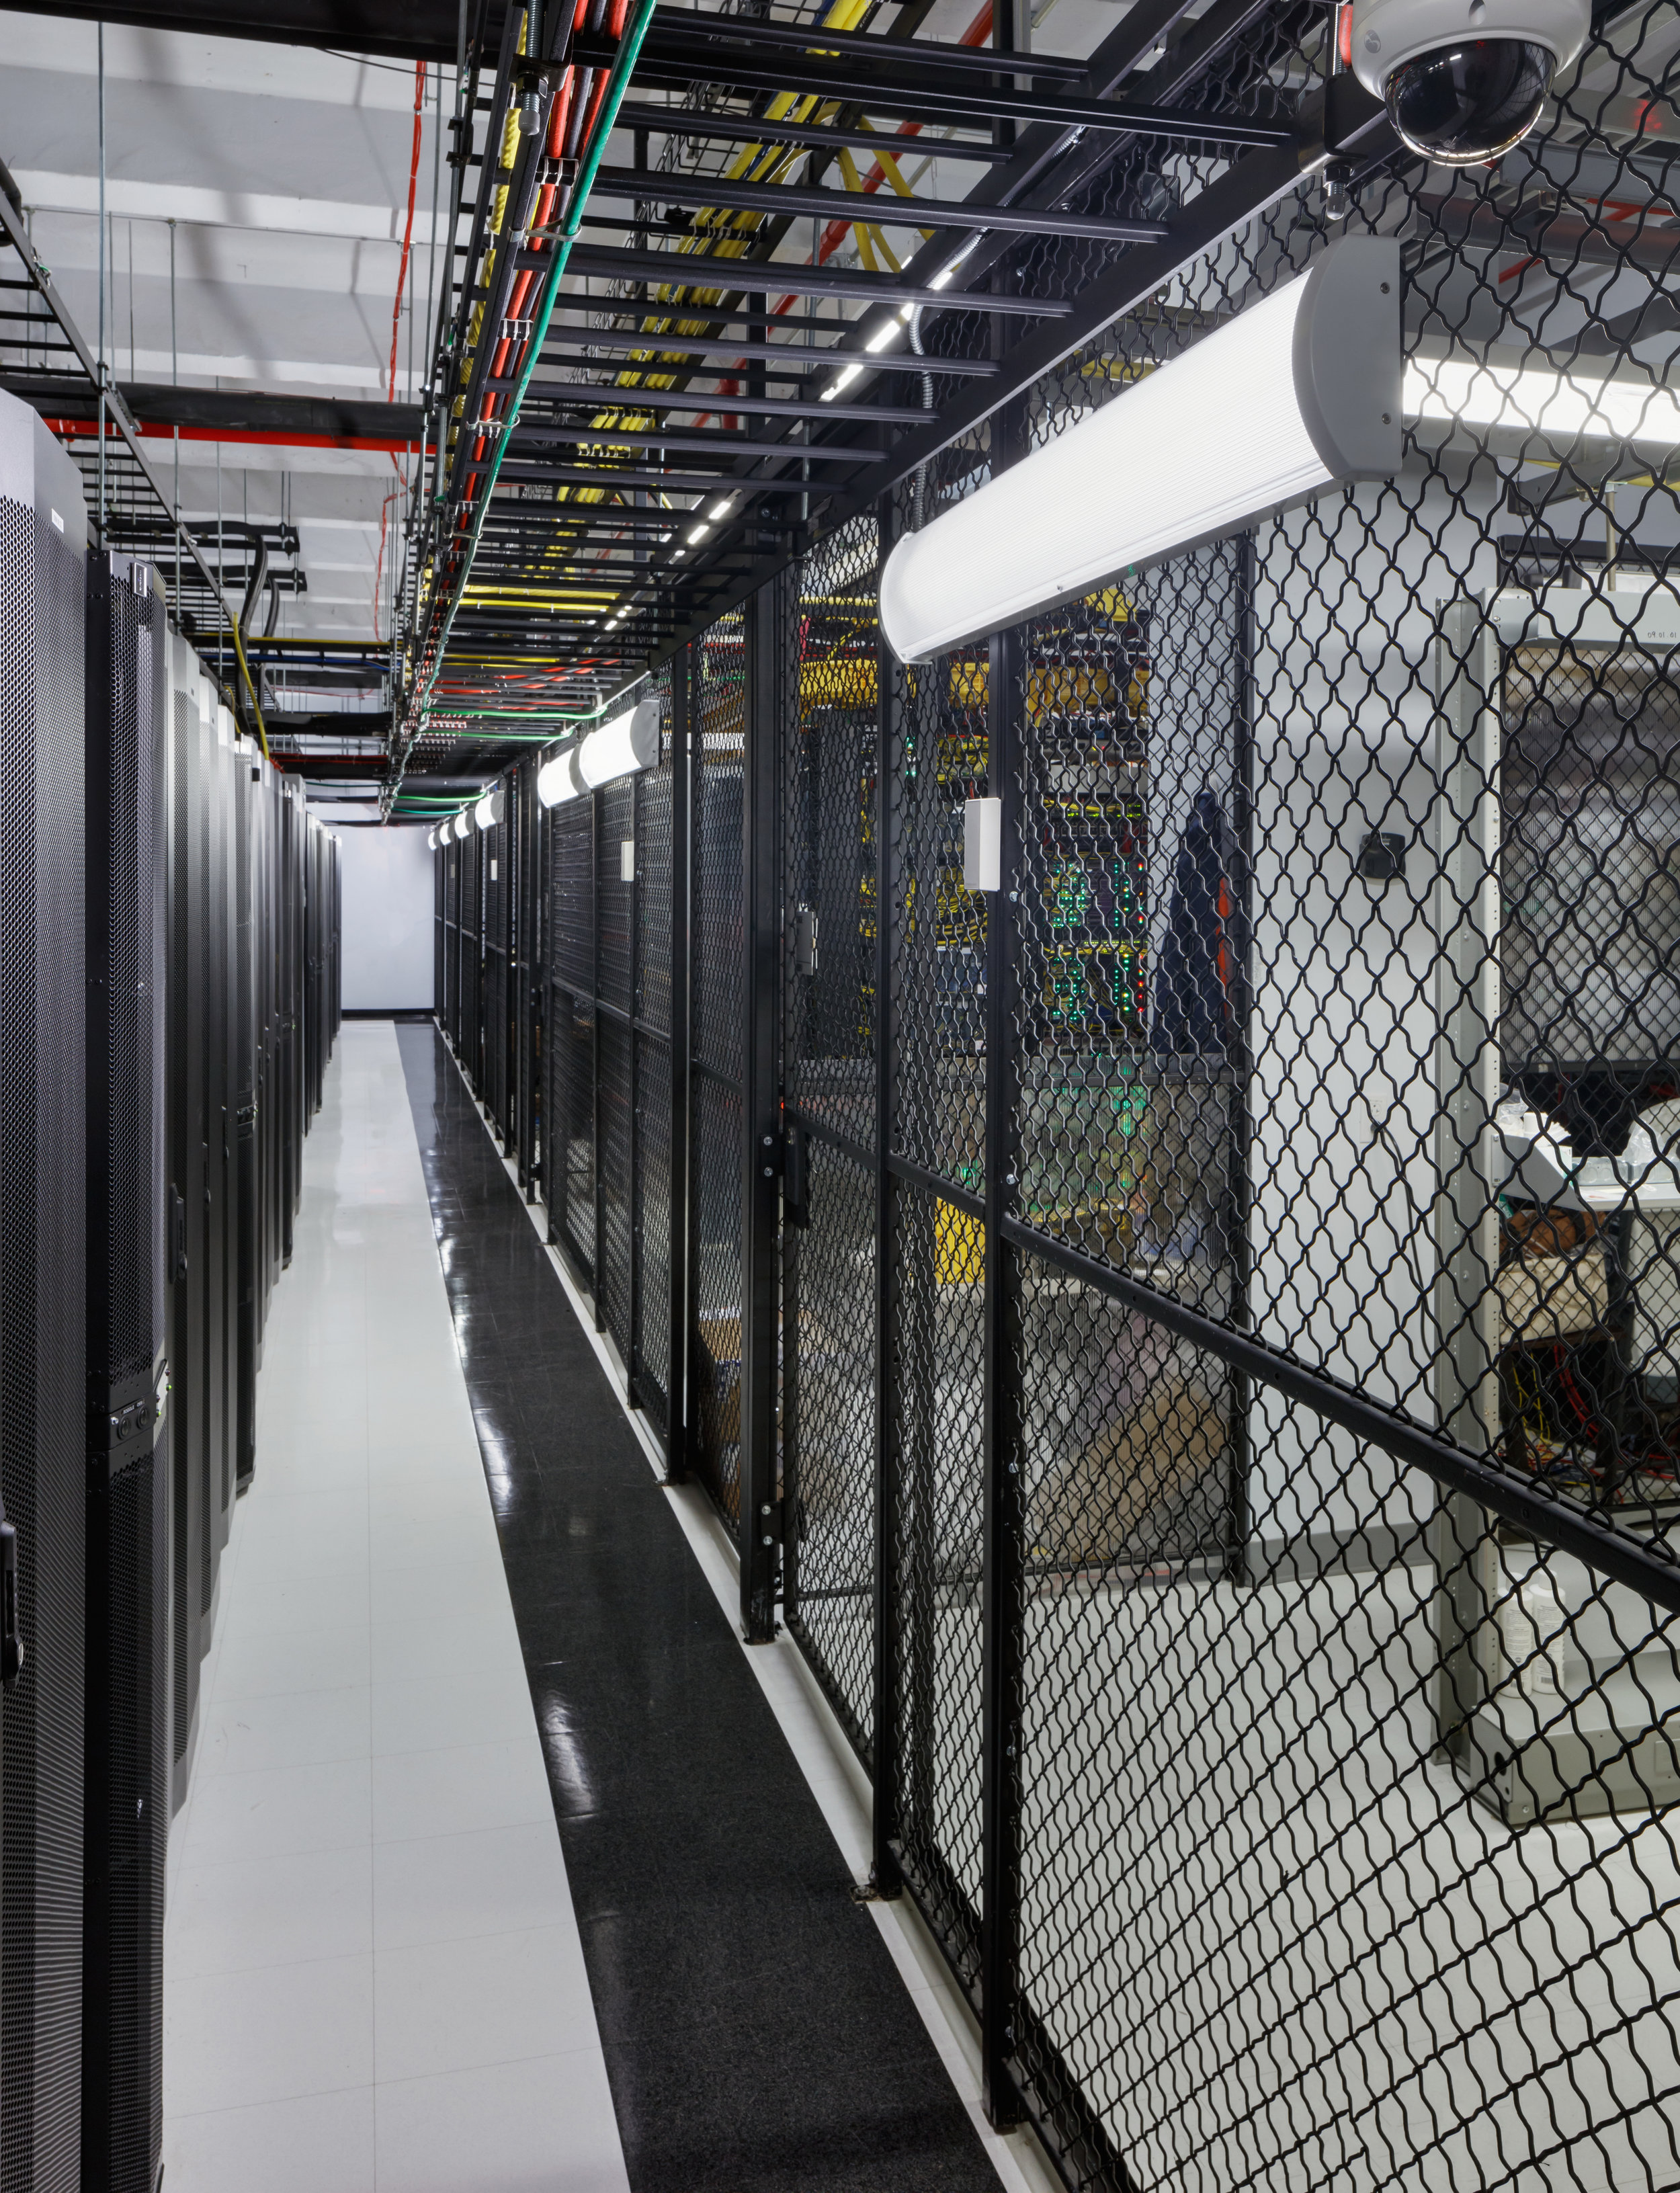 MMR Cages